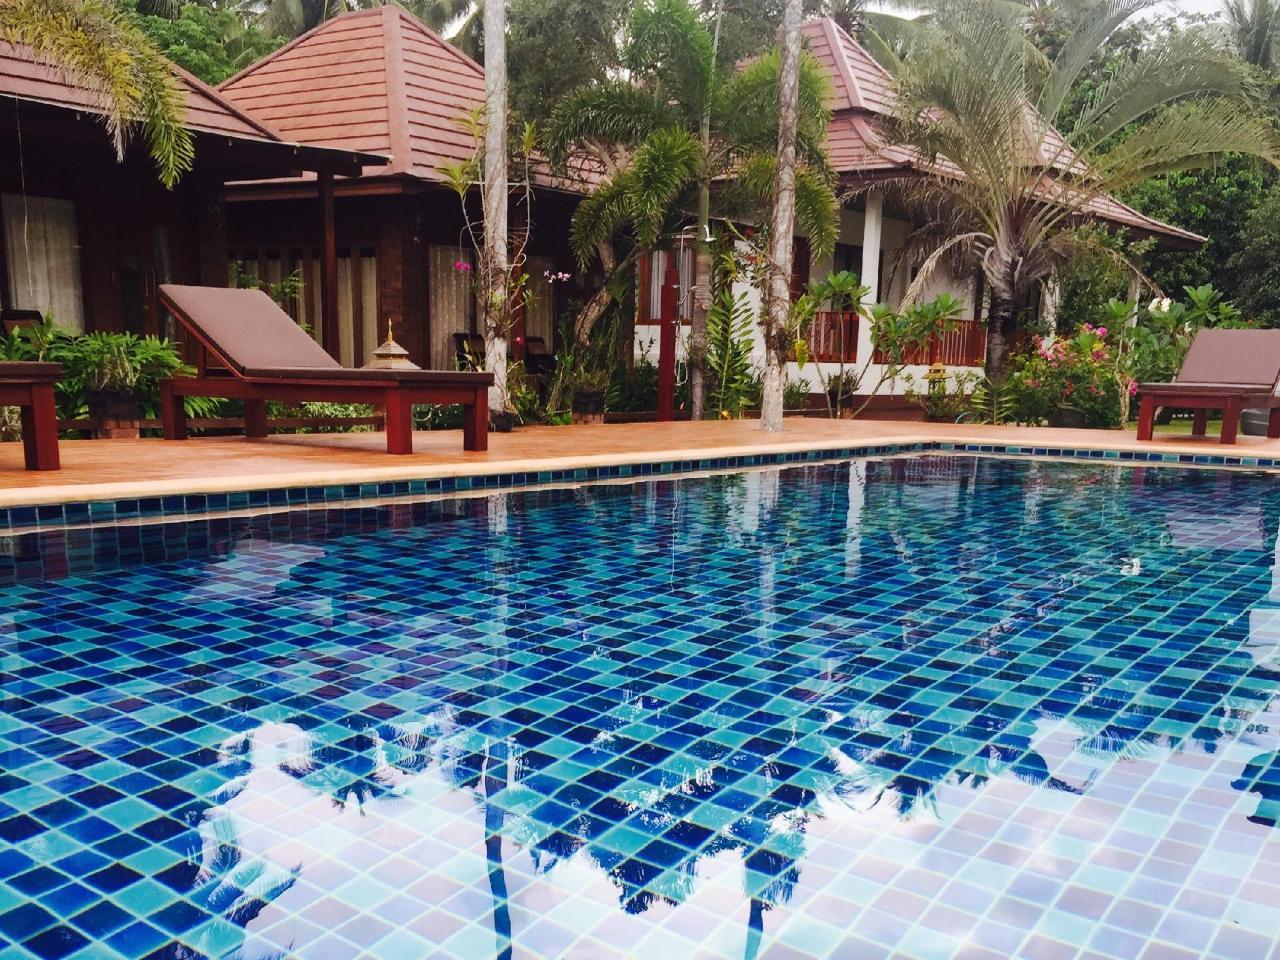 ไอ ทะเล รีสอร์ท (I-Talay Resort)